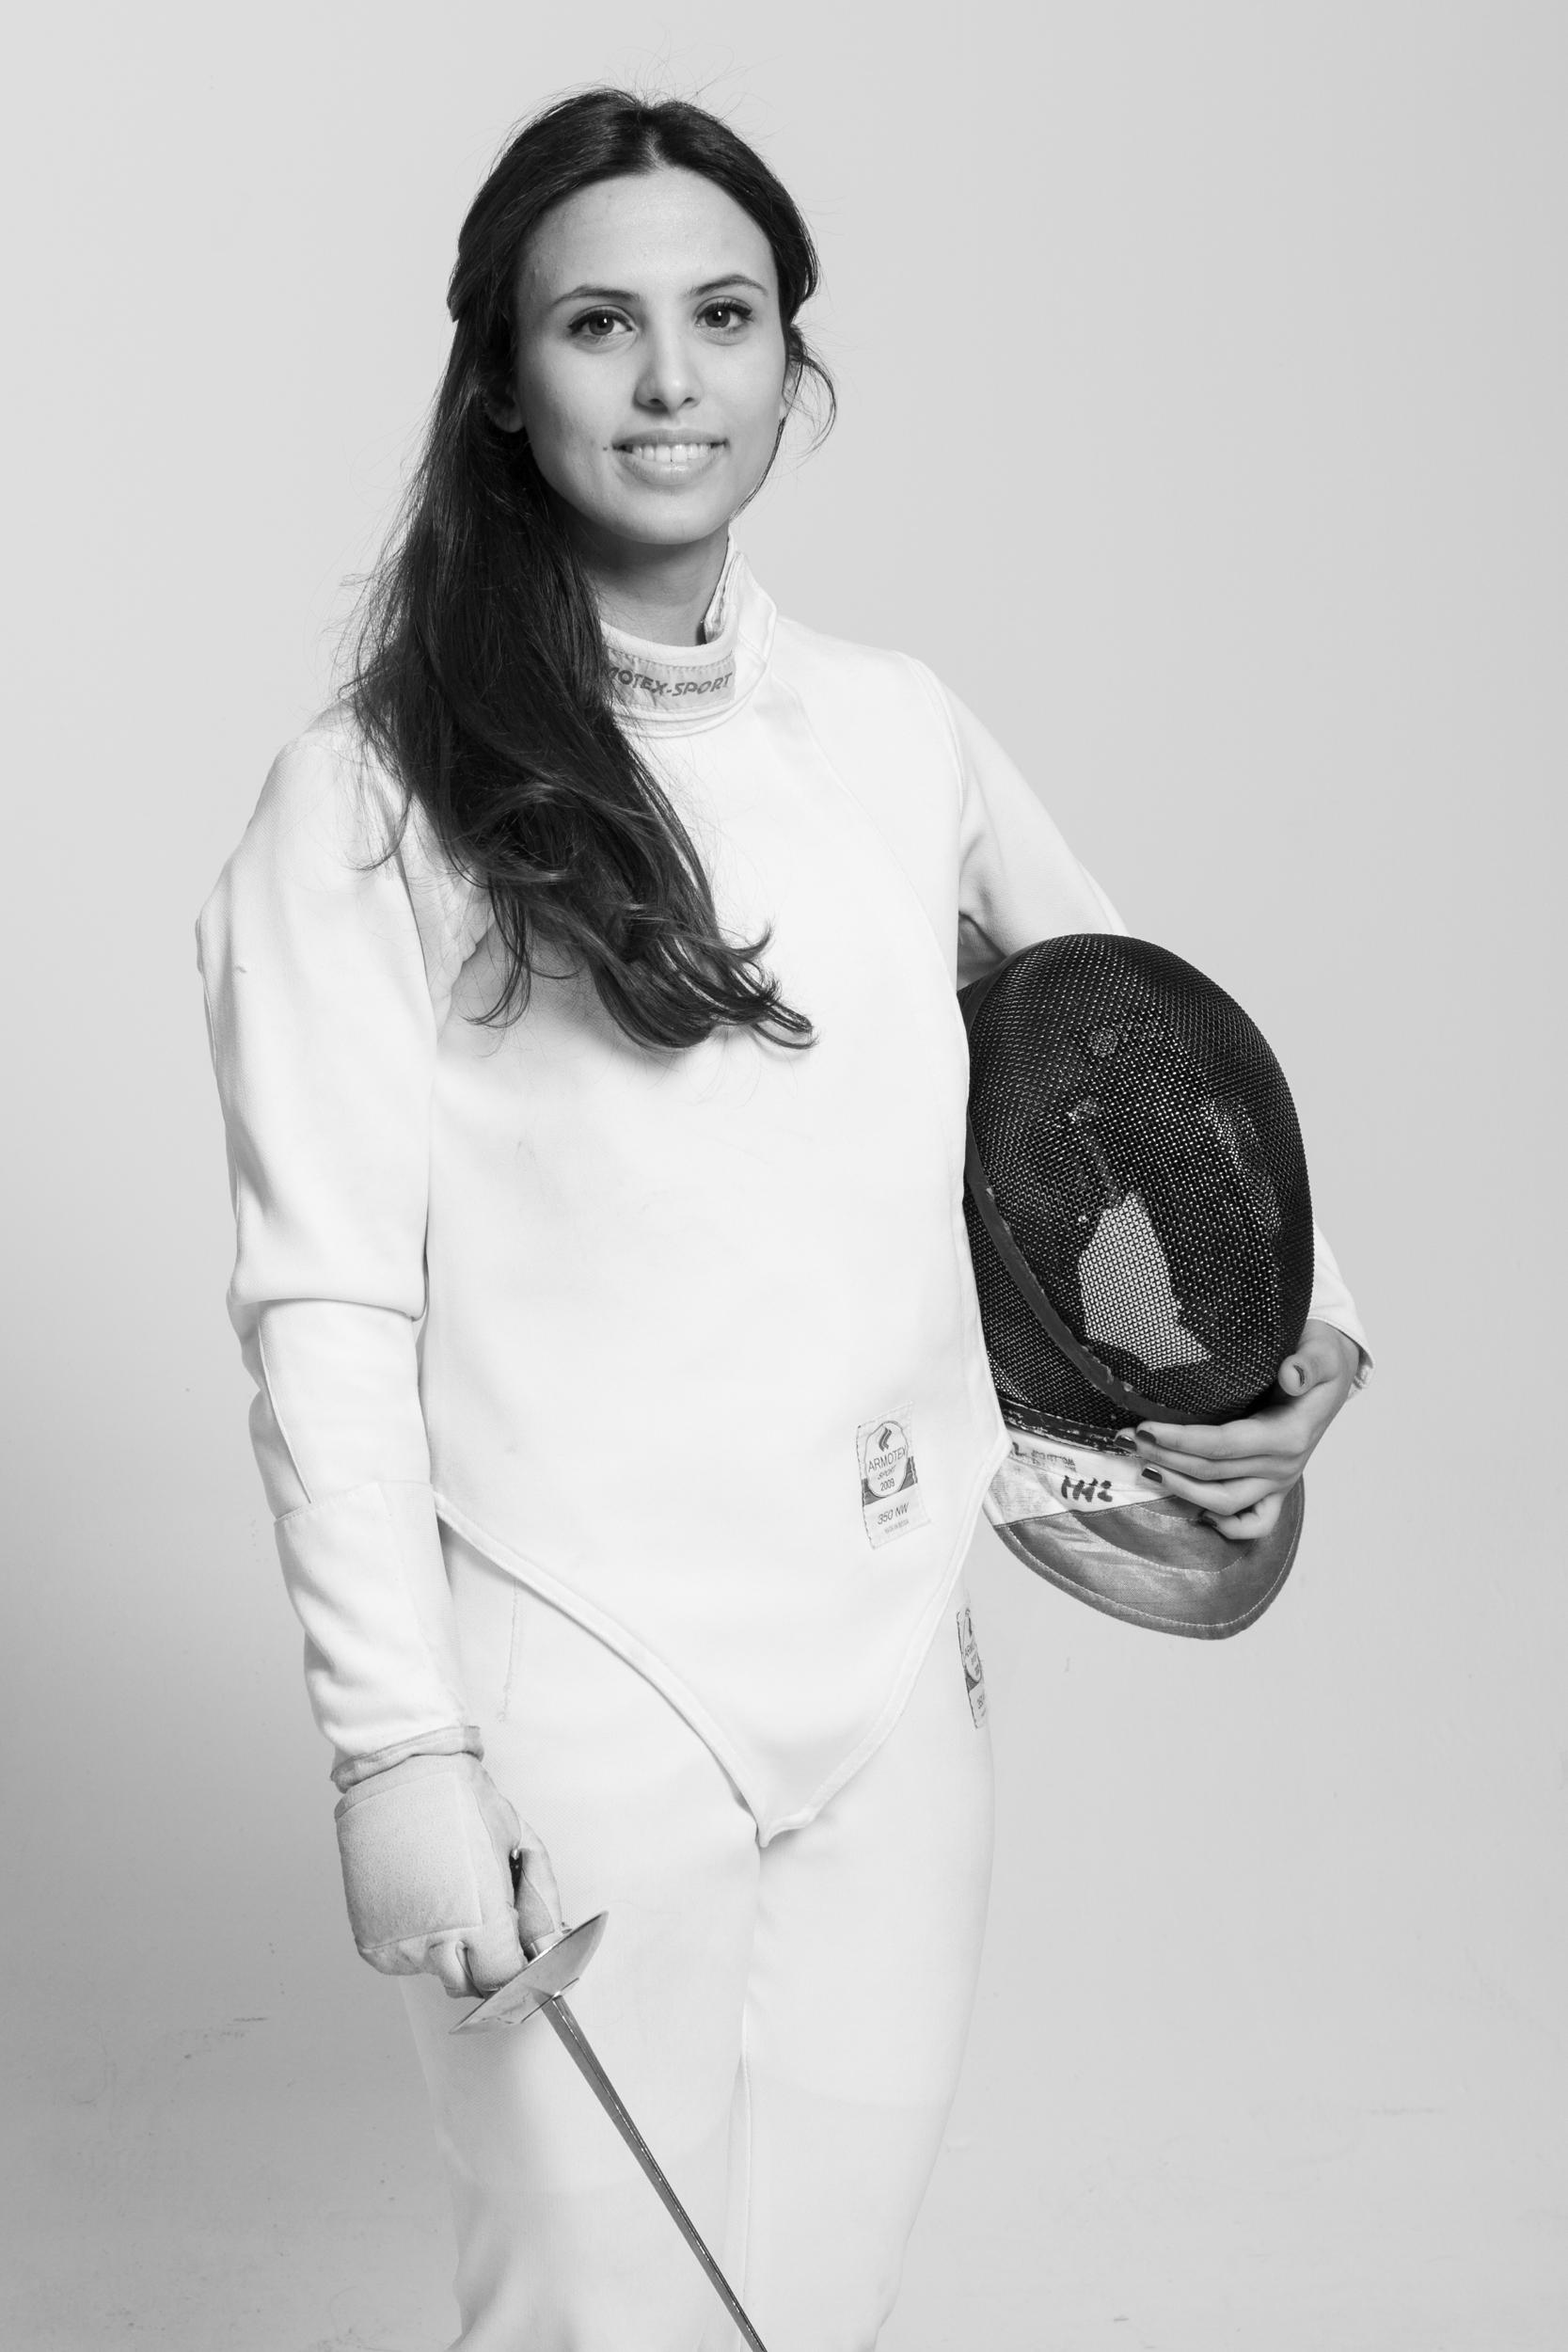 İrem Karamete, Türk eskrim tarihinde olimpiyat kotası alan ilk sporcu.